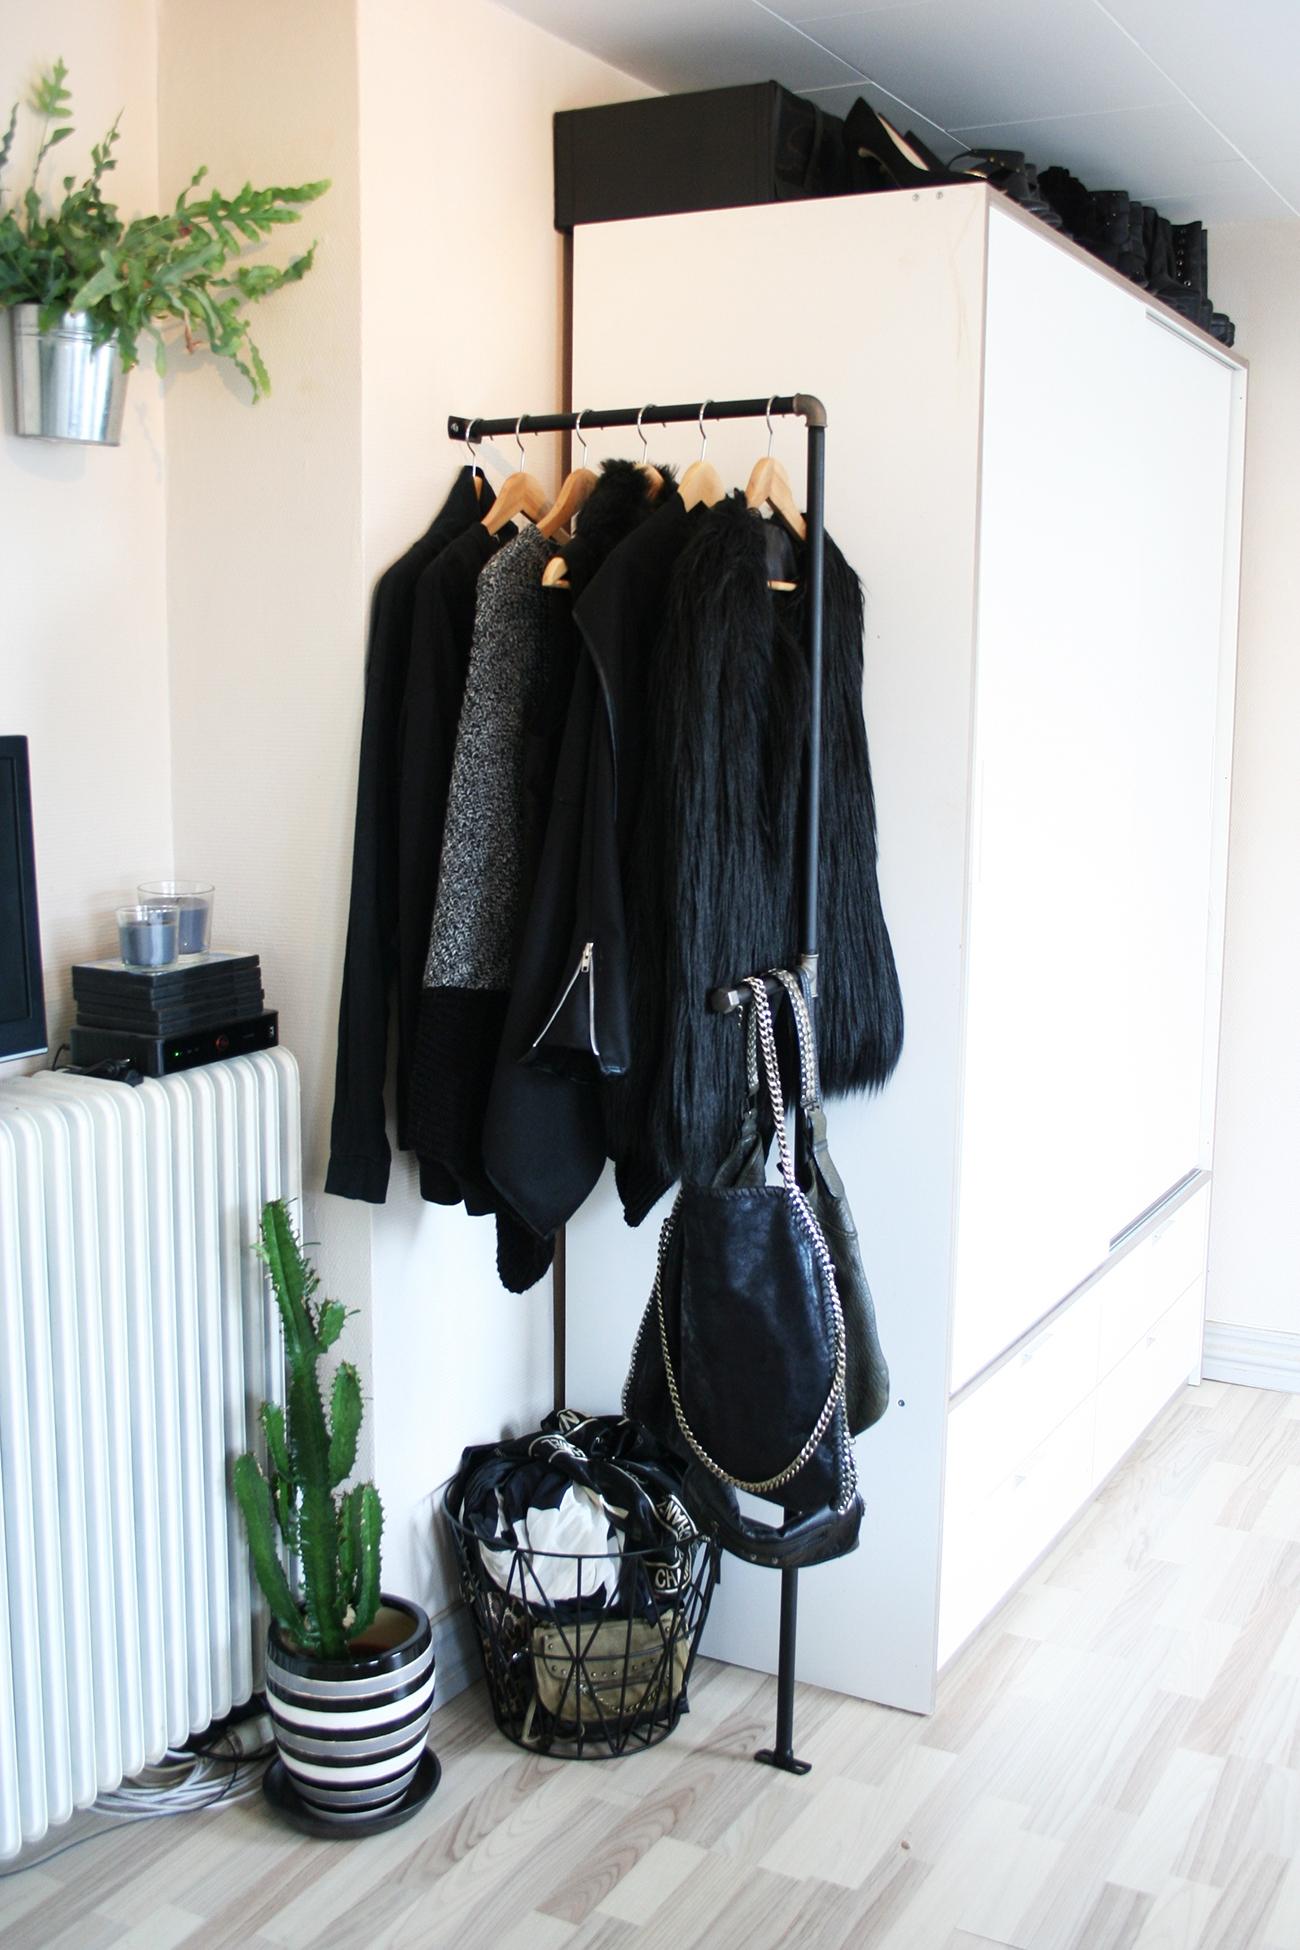 vandrør tøjstativ Pipe rack | Et tøjstativ af vandrør   Have a Seat | Interior  vandrør tøjstativ